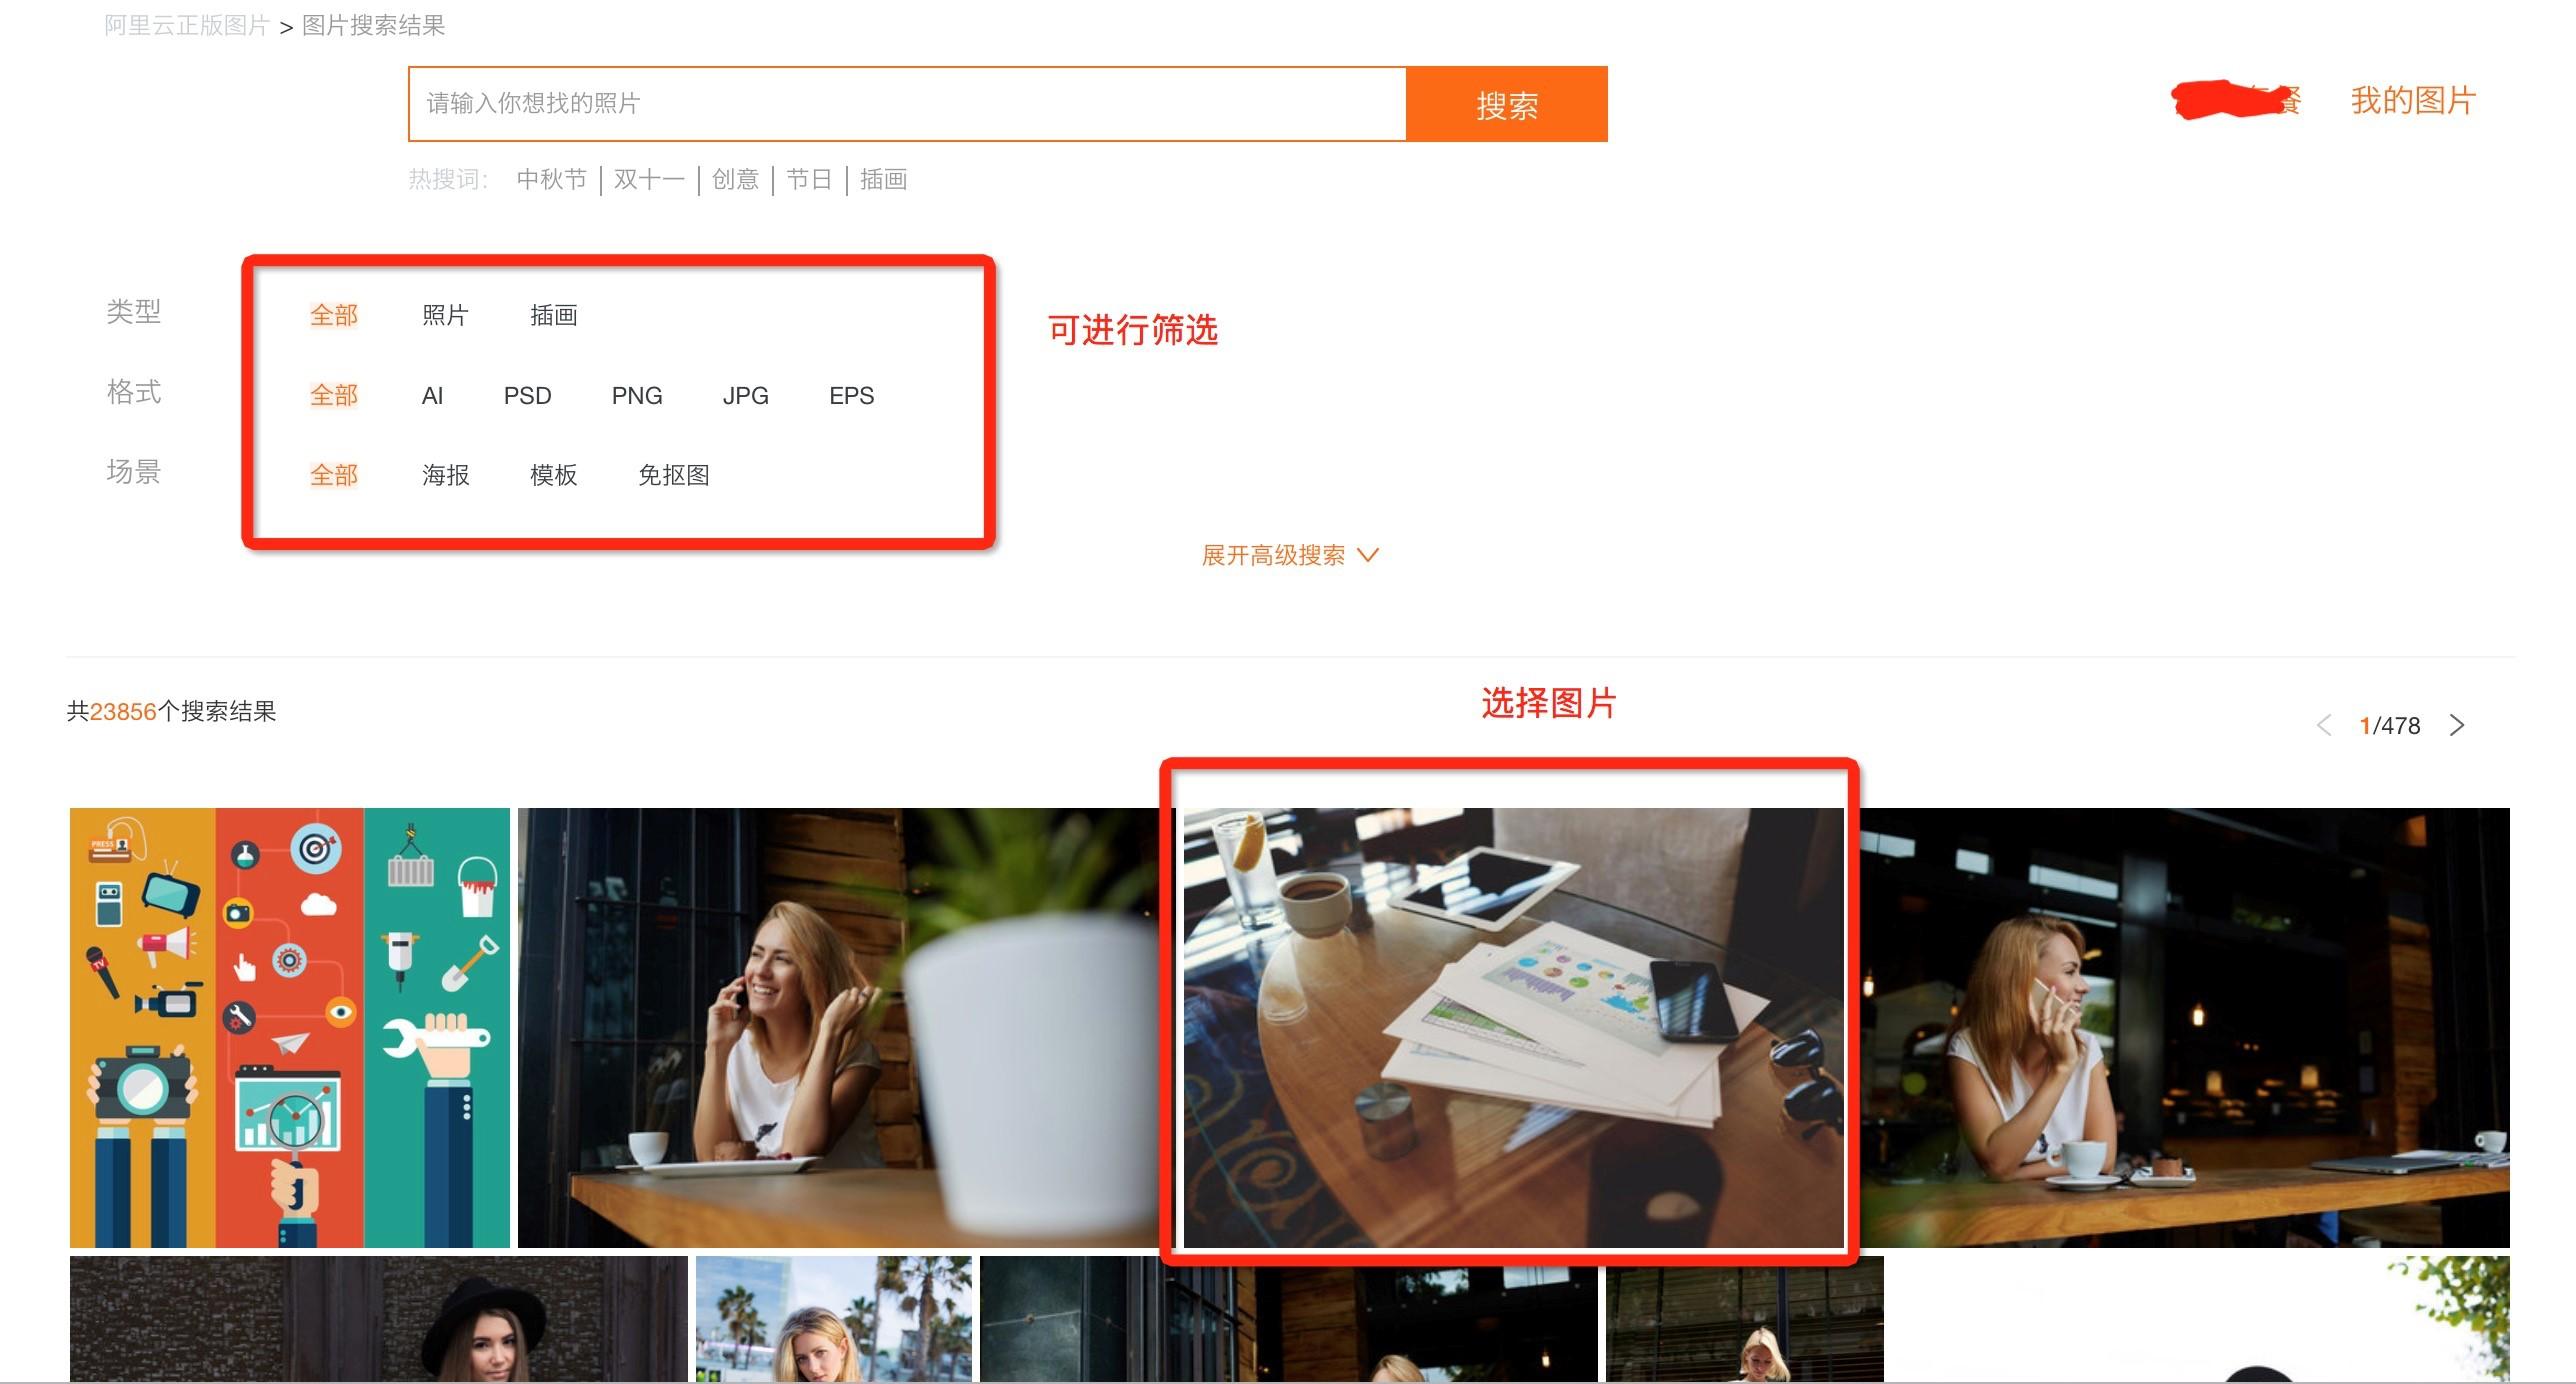 """5)点击""""去下载图片"""",到搜索页选择图片下载:"""